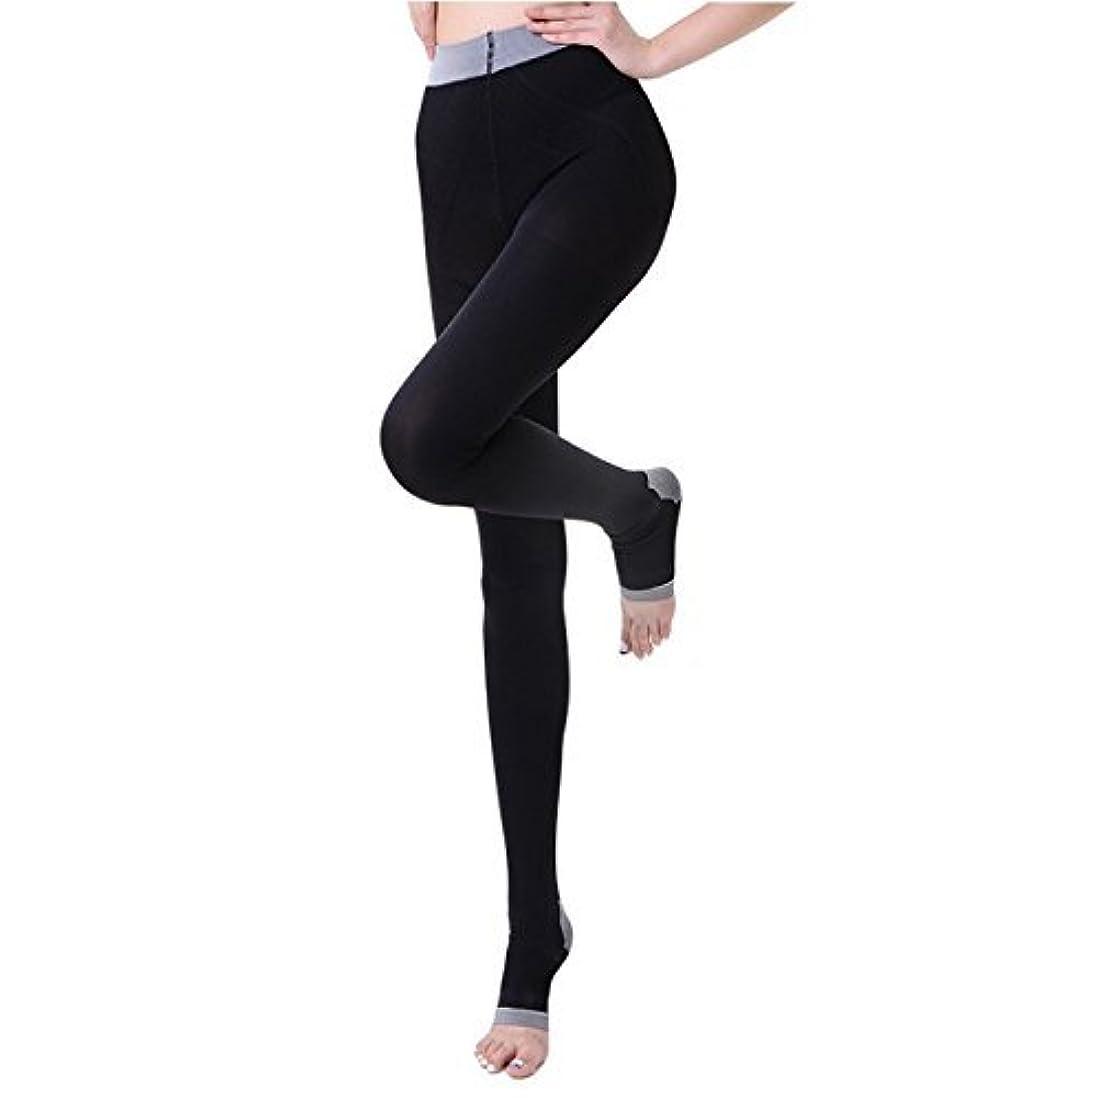 送る気まぐれな組NANA むくみ?足の疲れ解消  着圧ストッキング リンパケア 加圧式 冷え取り オープントゥ 寝ながら美脚ケア レディース 楽やせ 脚やせ 黒